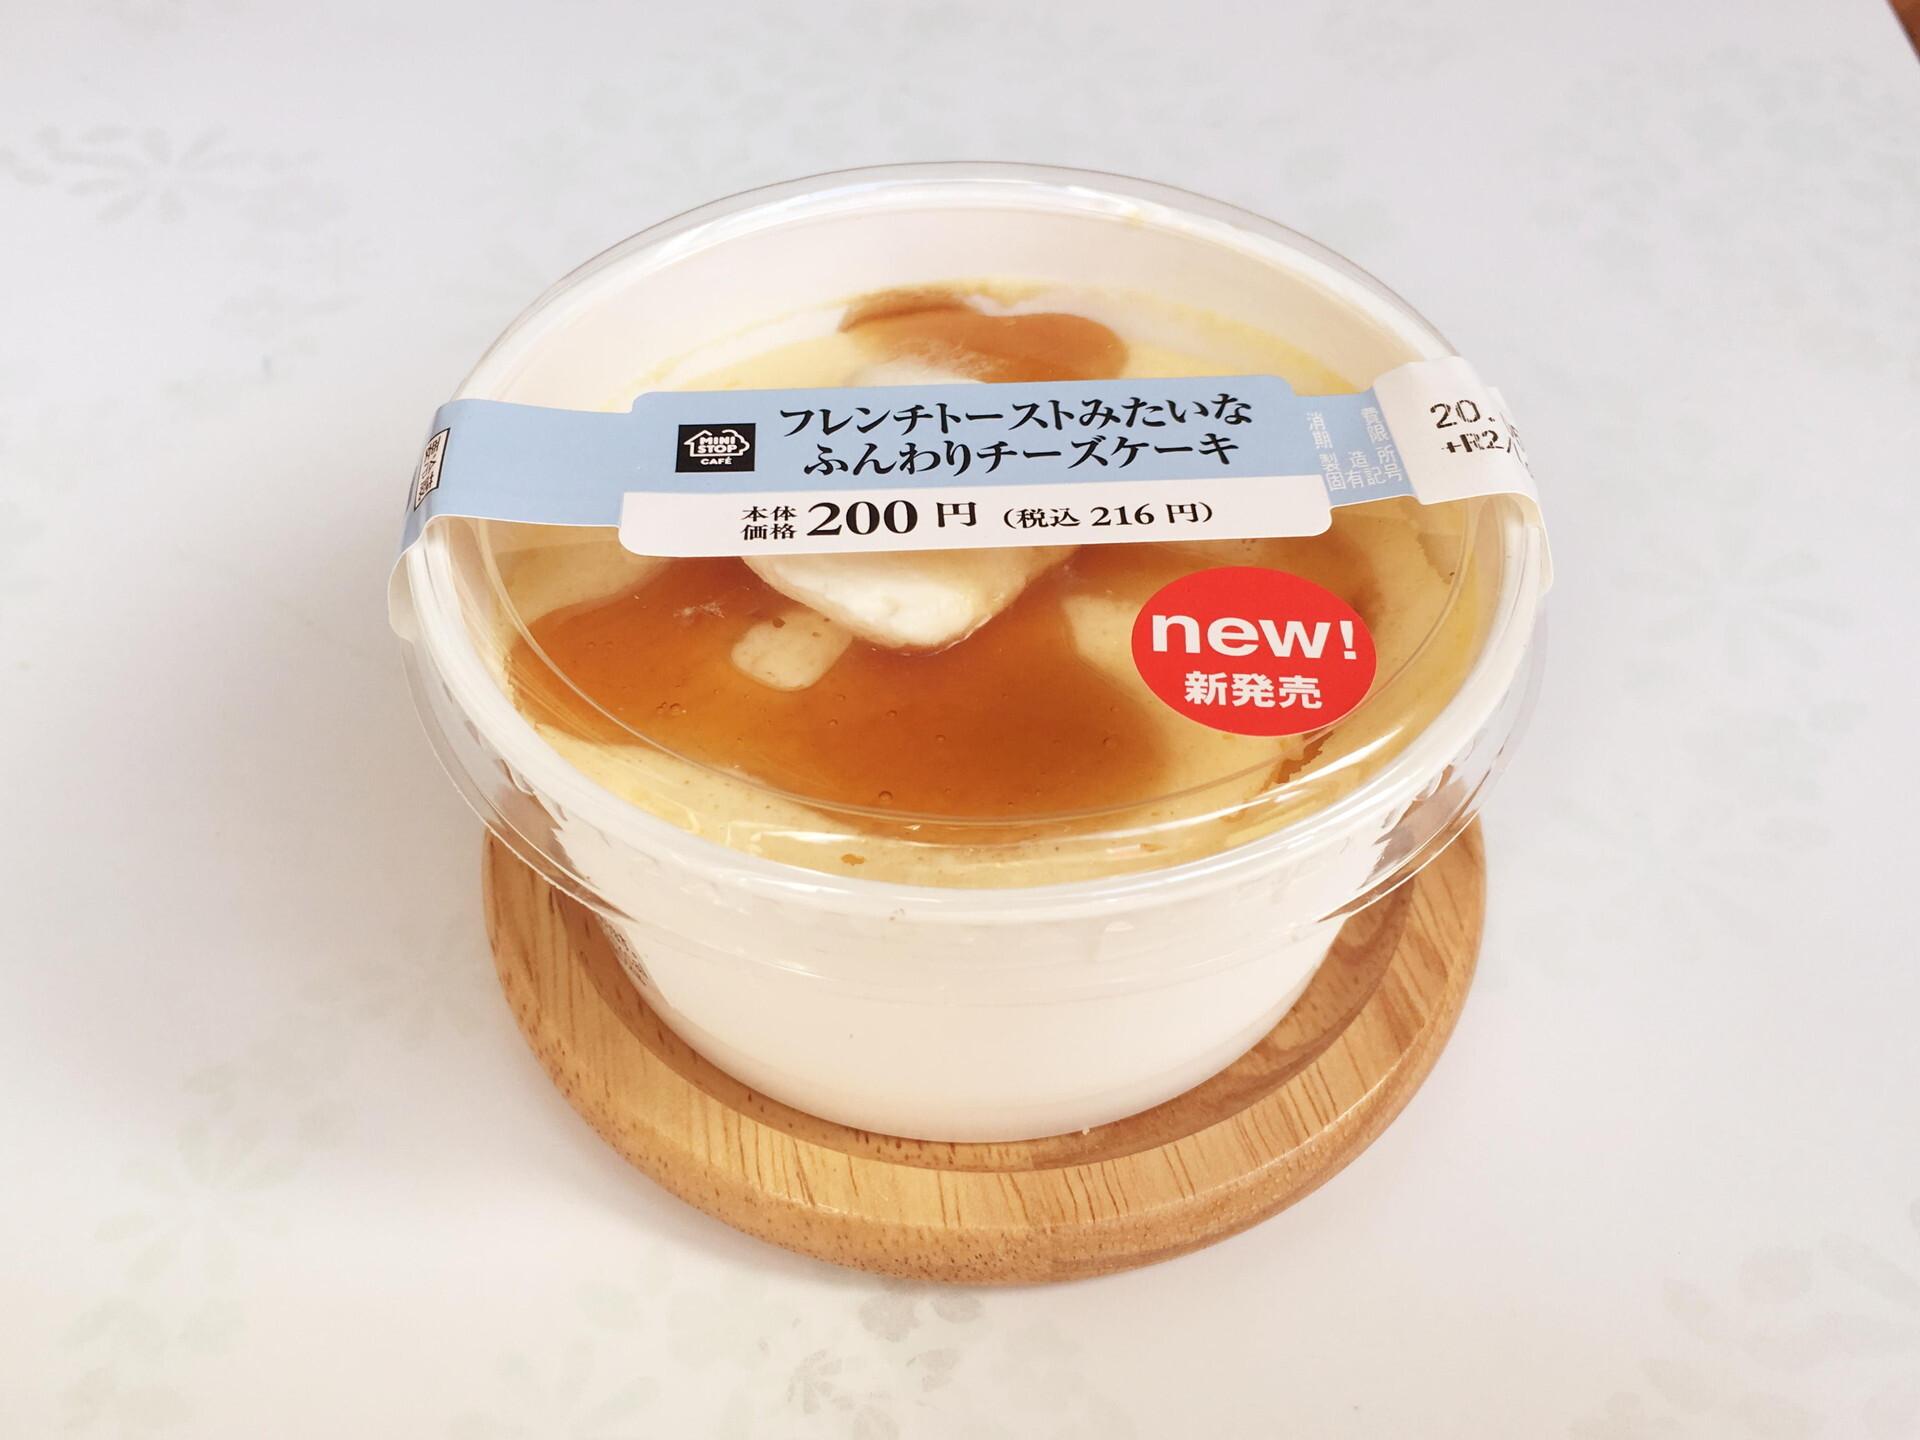 【ミニストップ】フレンチトーストみたいなふんわりチーズケーキ